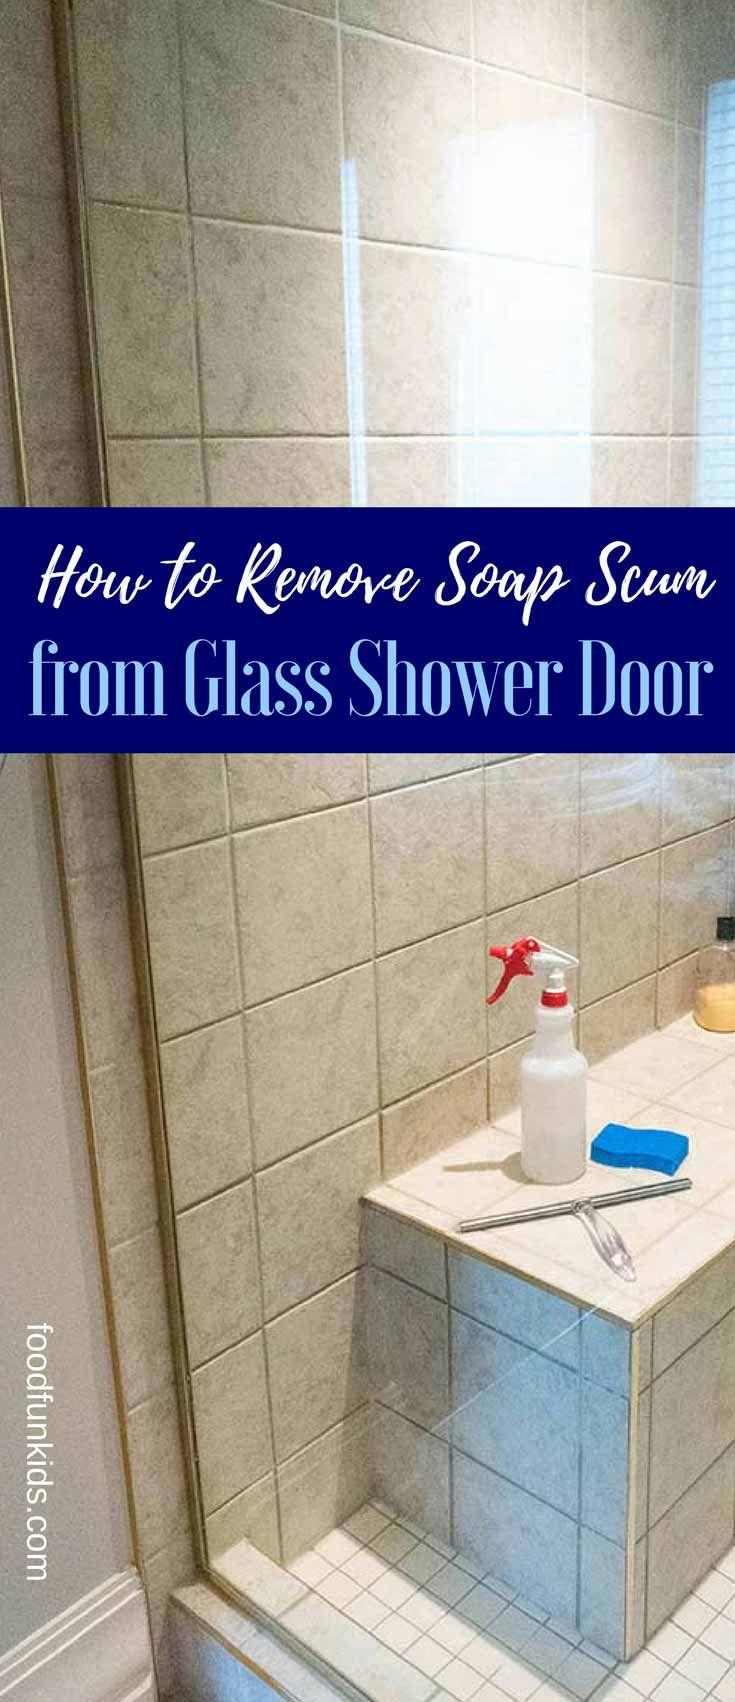 How To Remove Soap Scum From Glass Shower Door Shower Doors